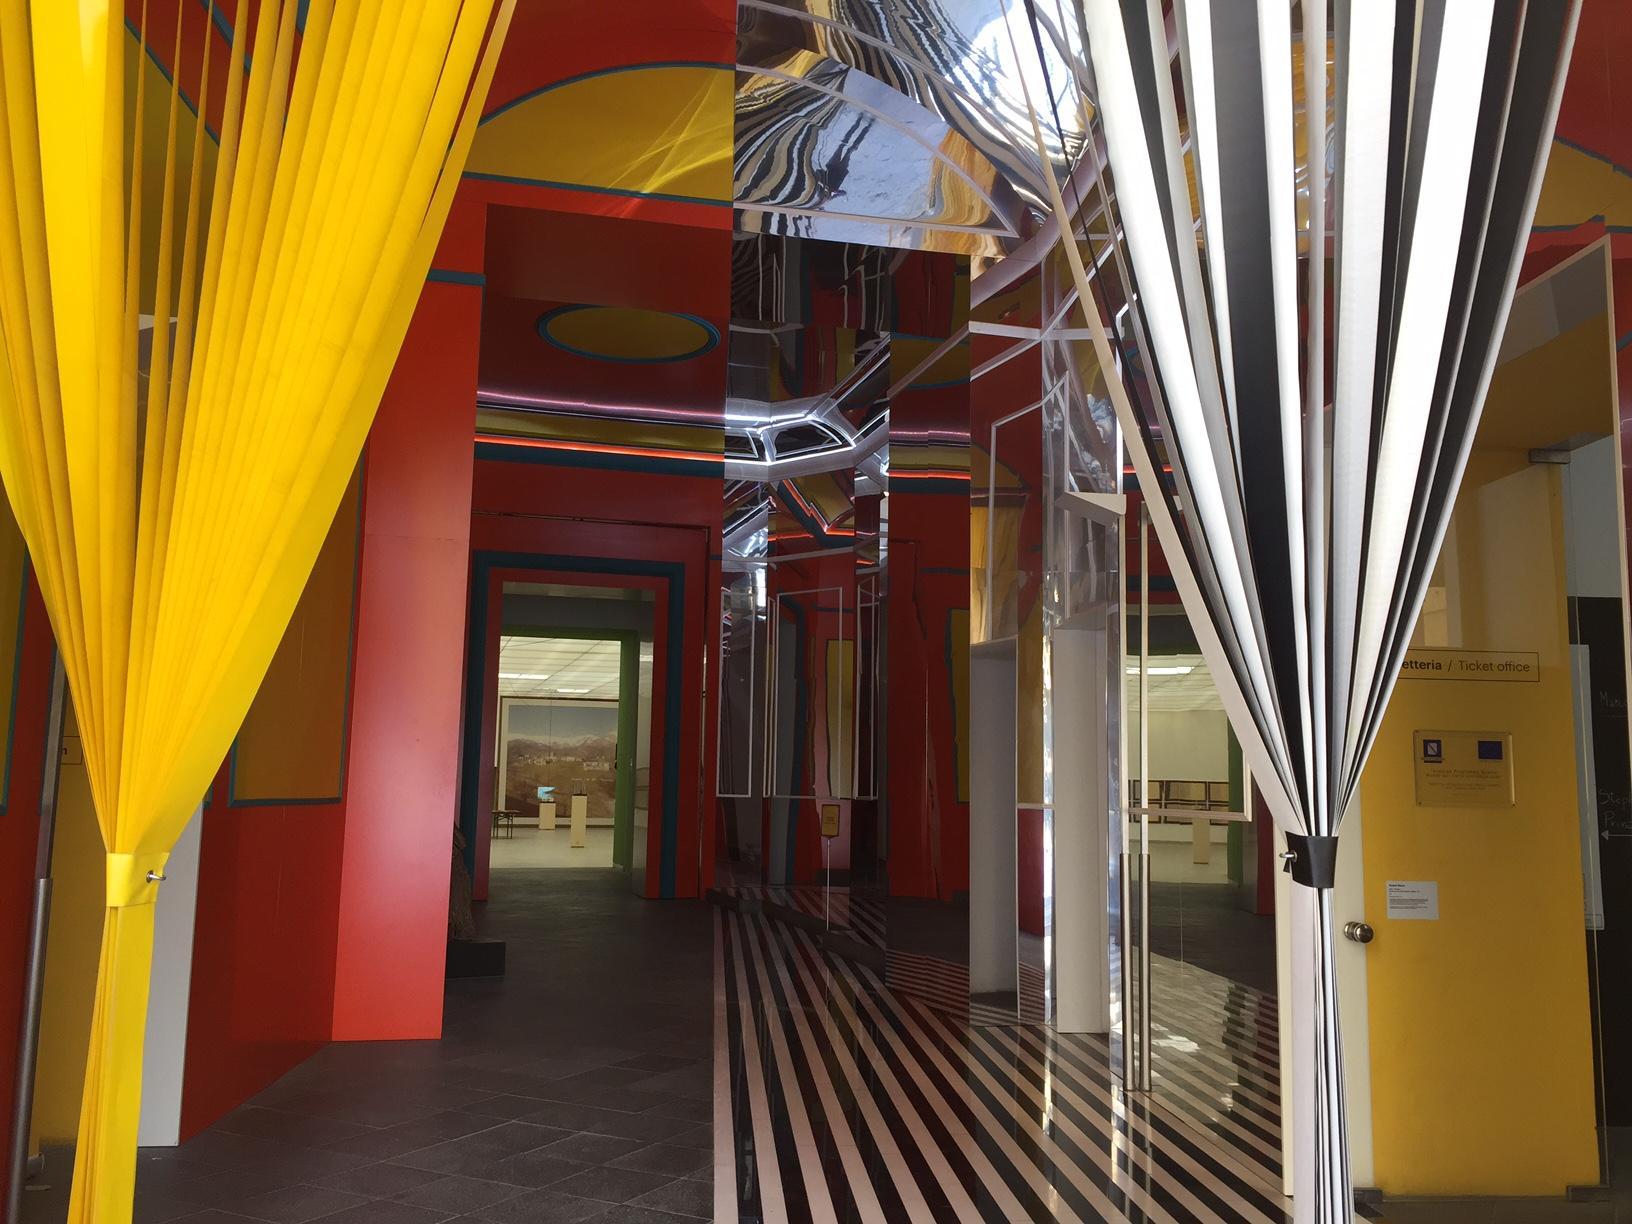 Museo Madre, Napoli. Riapre le porte il Museo Madre e le primi visitatrici sono francesi